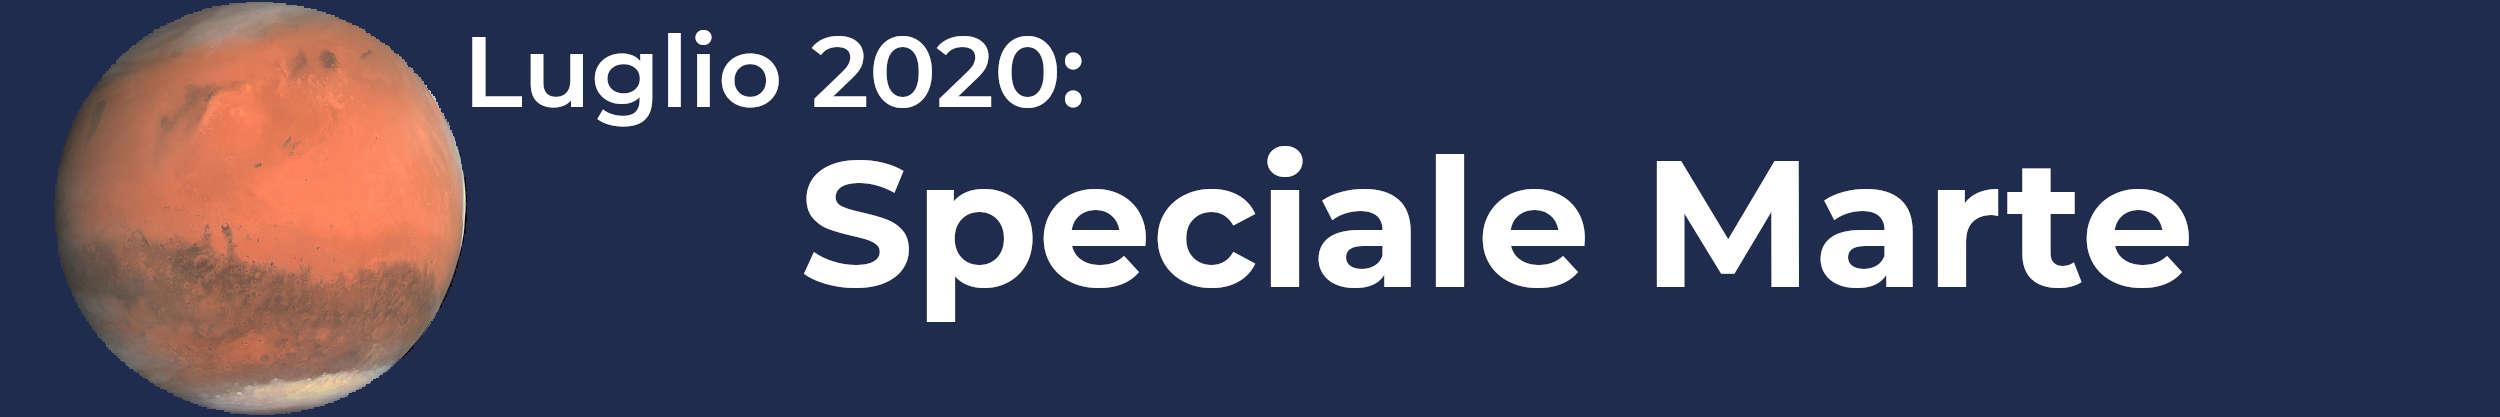 banner_speciale_marte_luglio_2020